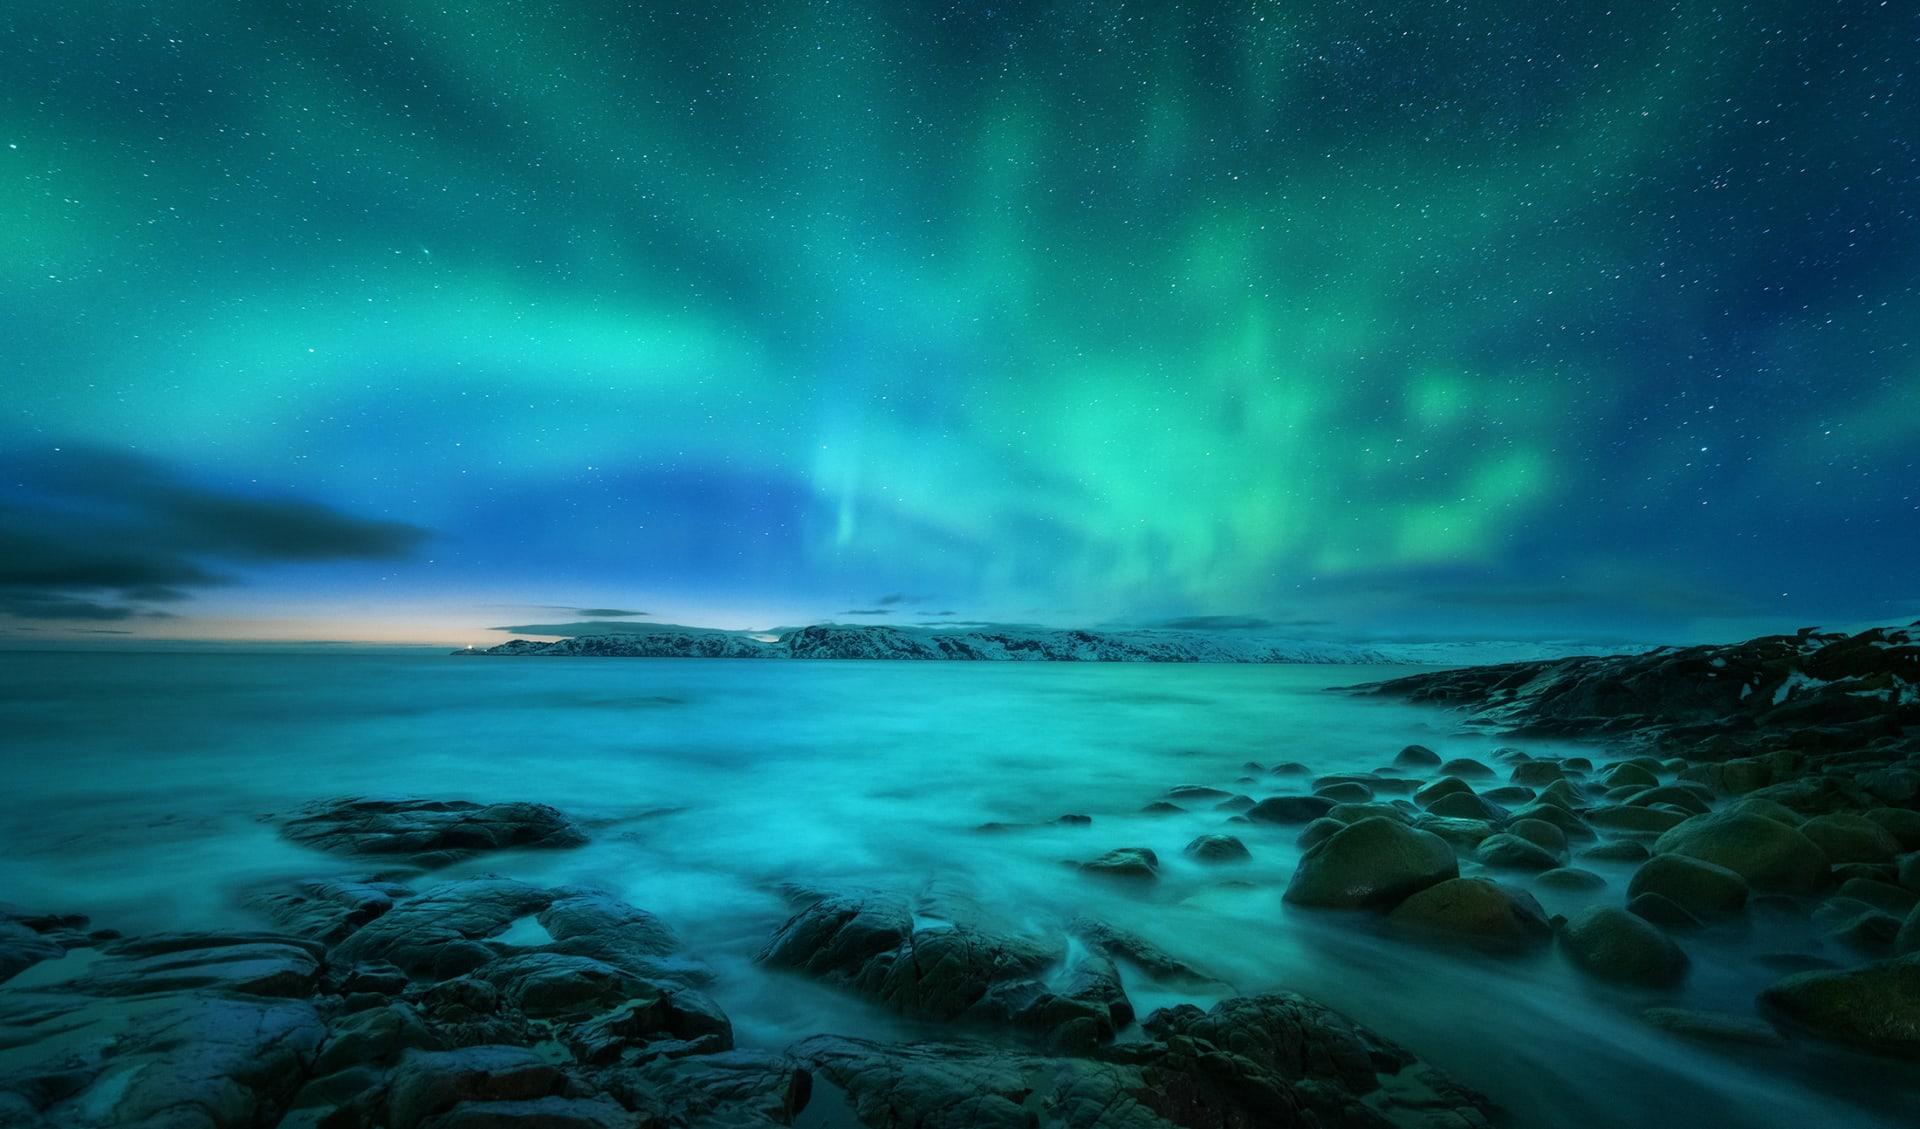 Aurora borealis über Felsstrand und Ozean, Island